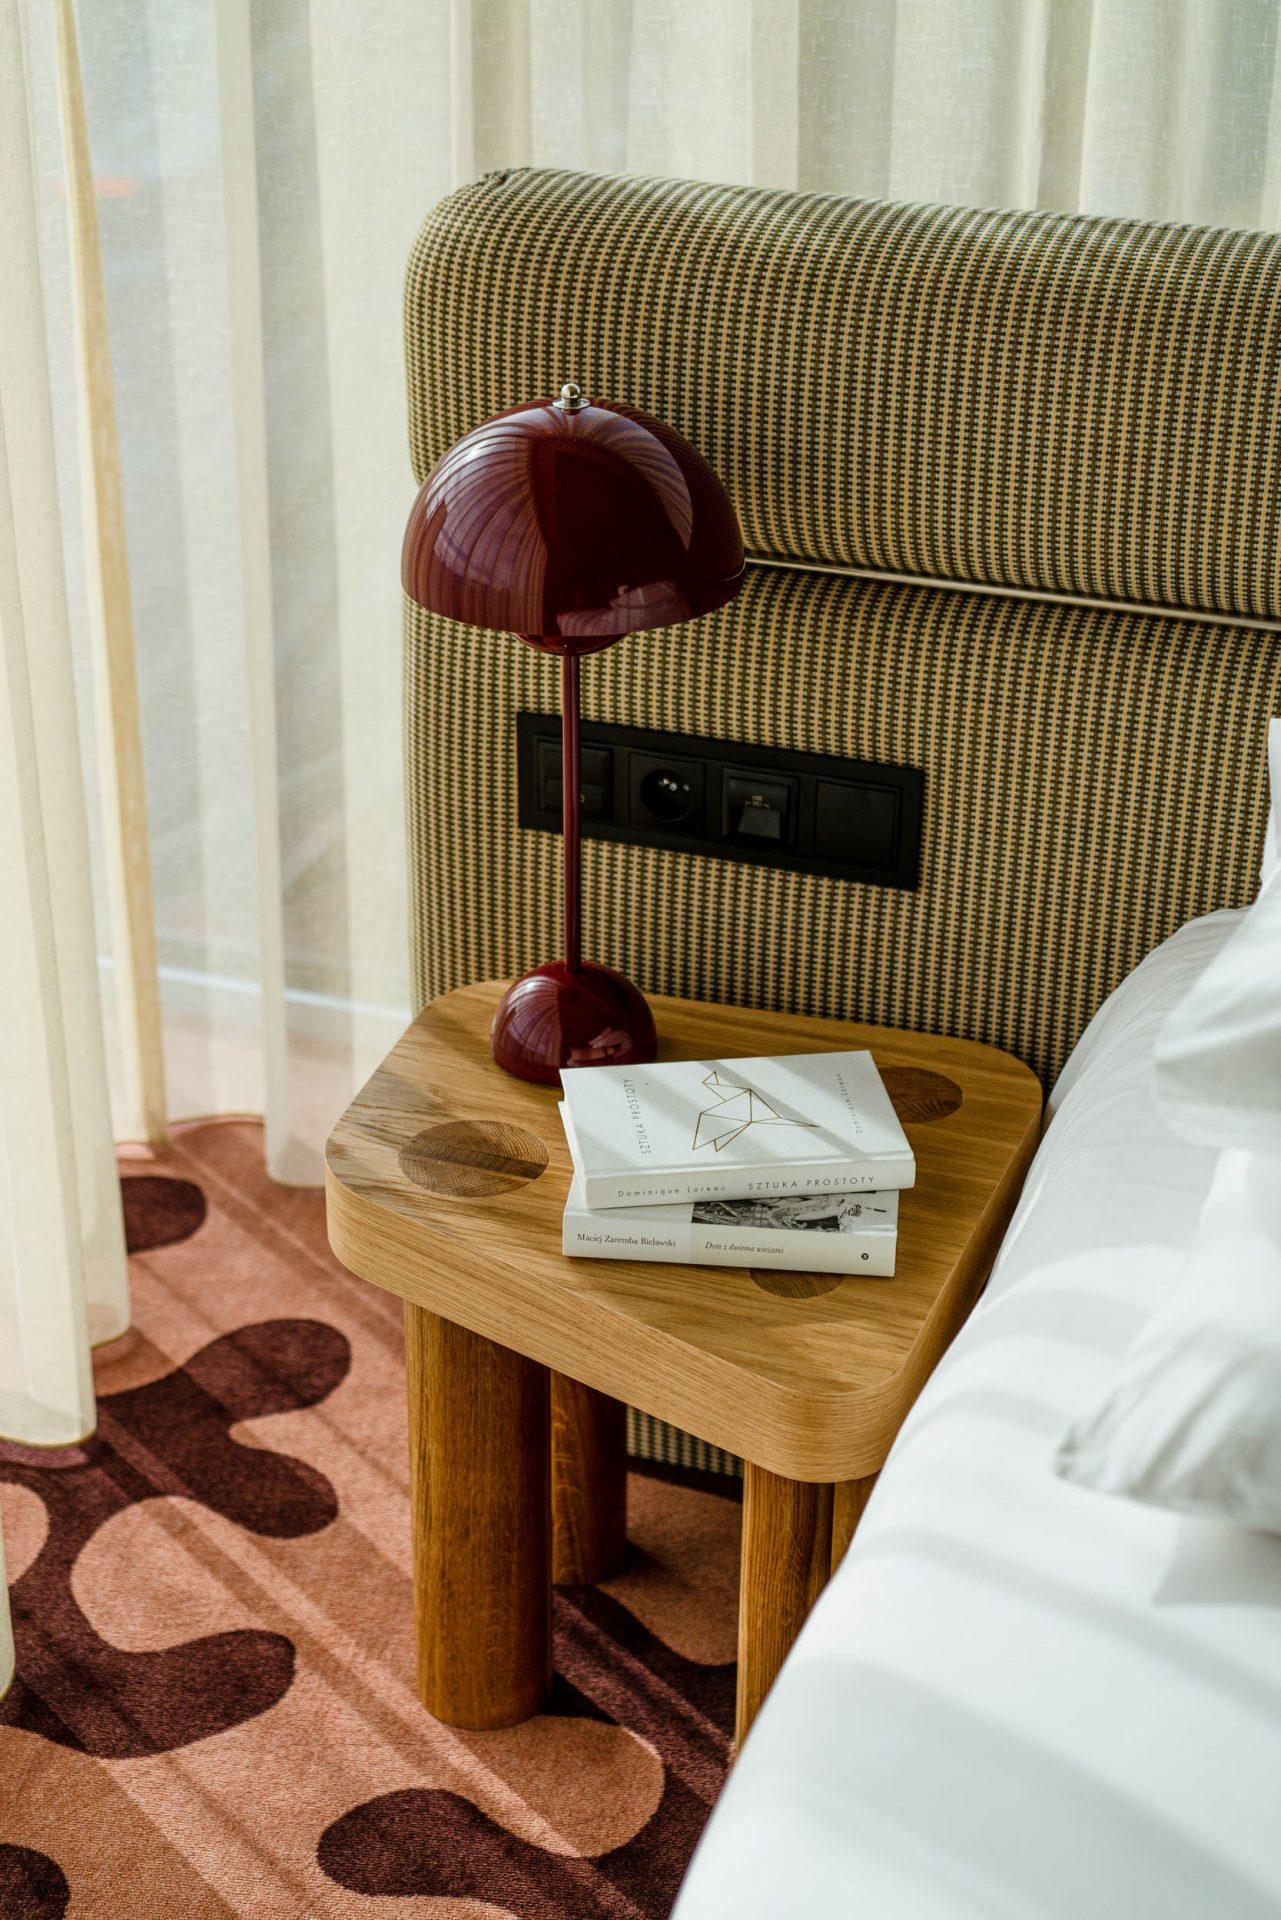 nowy_puro_hotel_krakow_old_town_paradowski_foto_pion_designalive-9